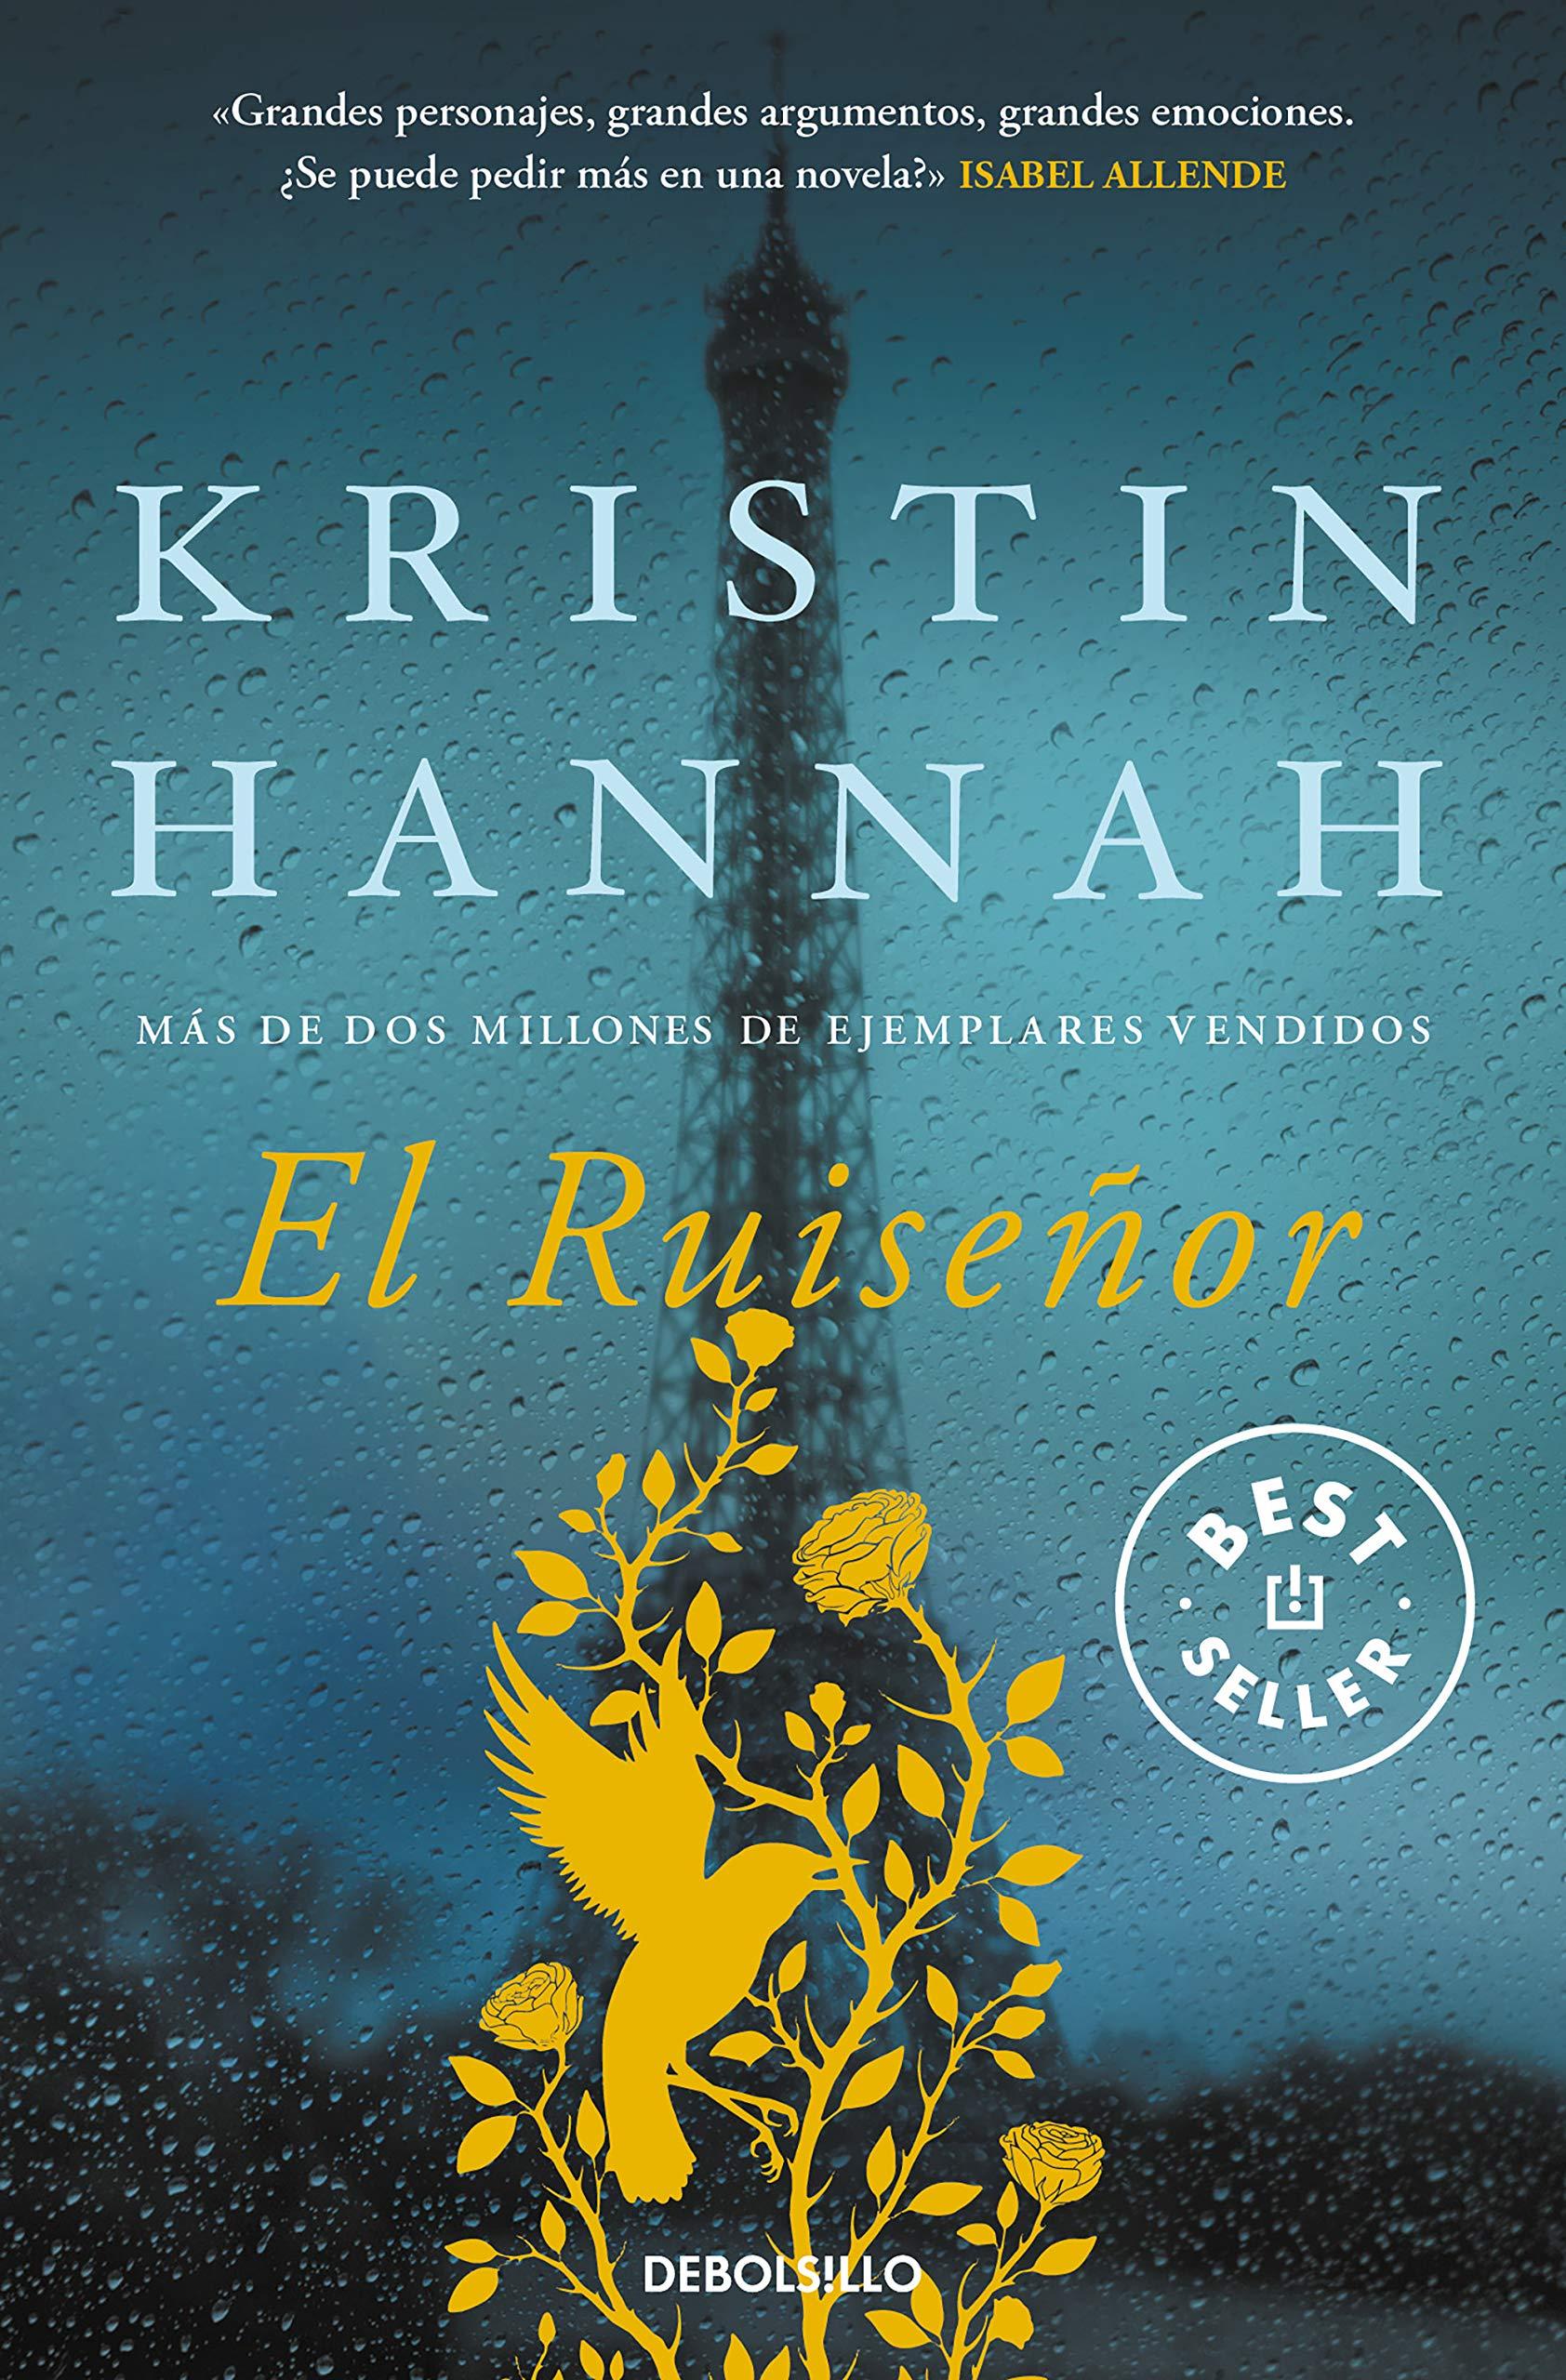 El Ruiseñor : Hannah, Kristin: Amazon.fr: Livres